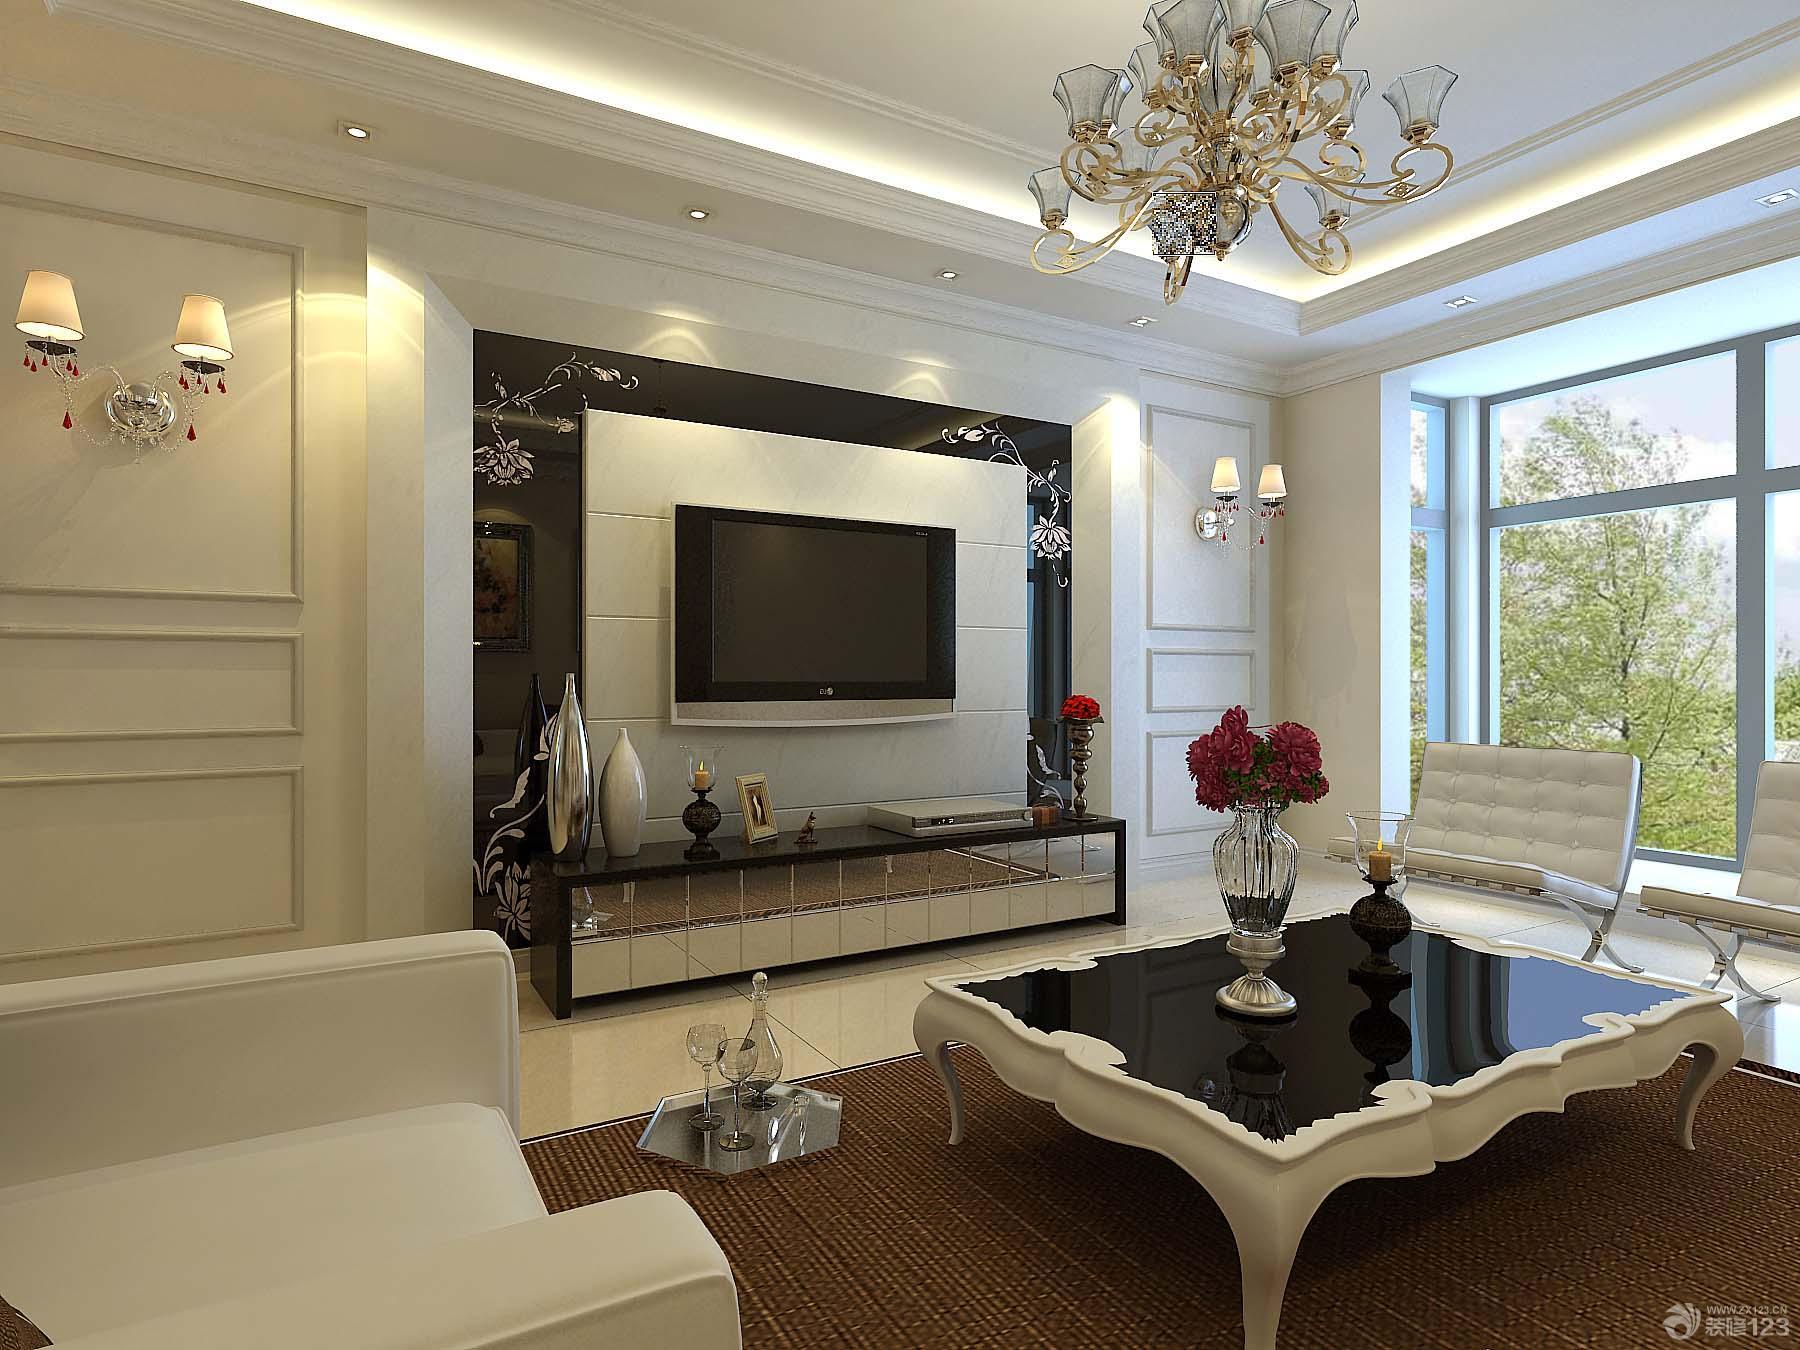 简欧式家居新房6平米客厅电视背景墙装修效果图